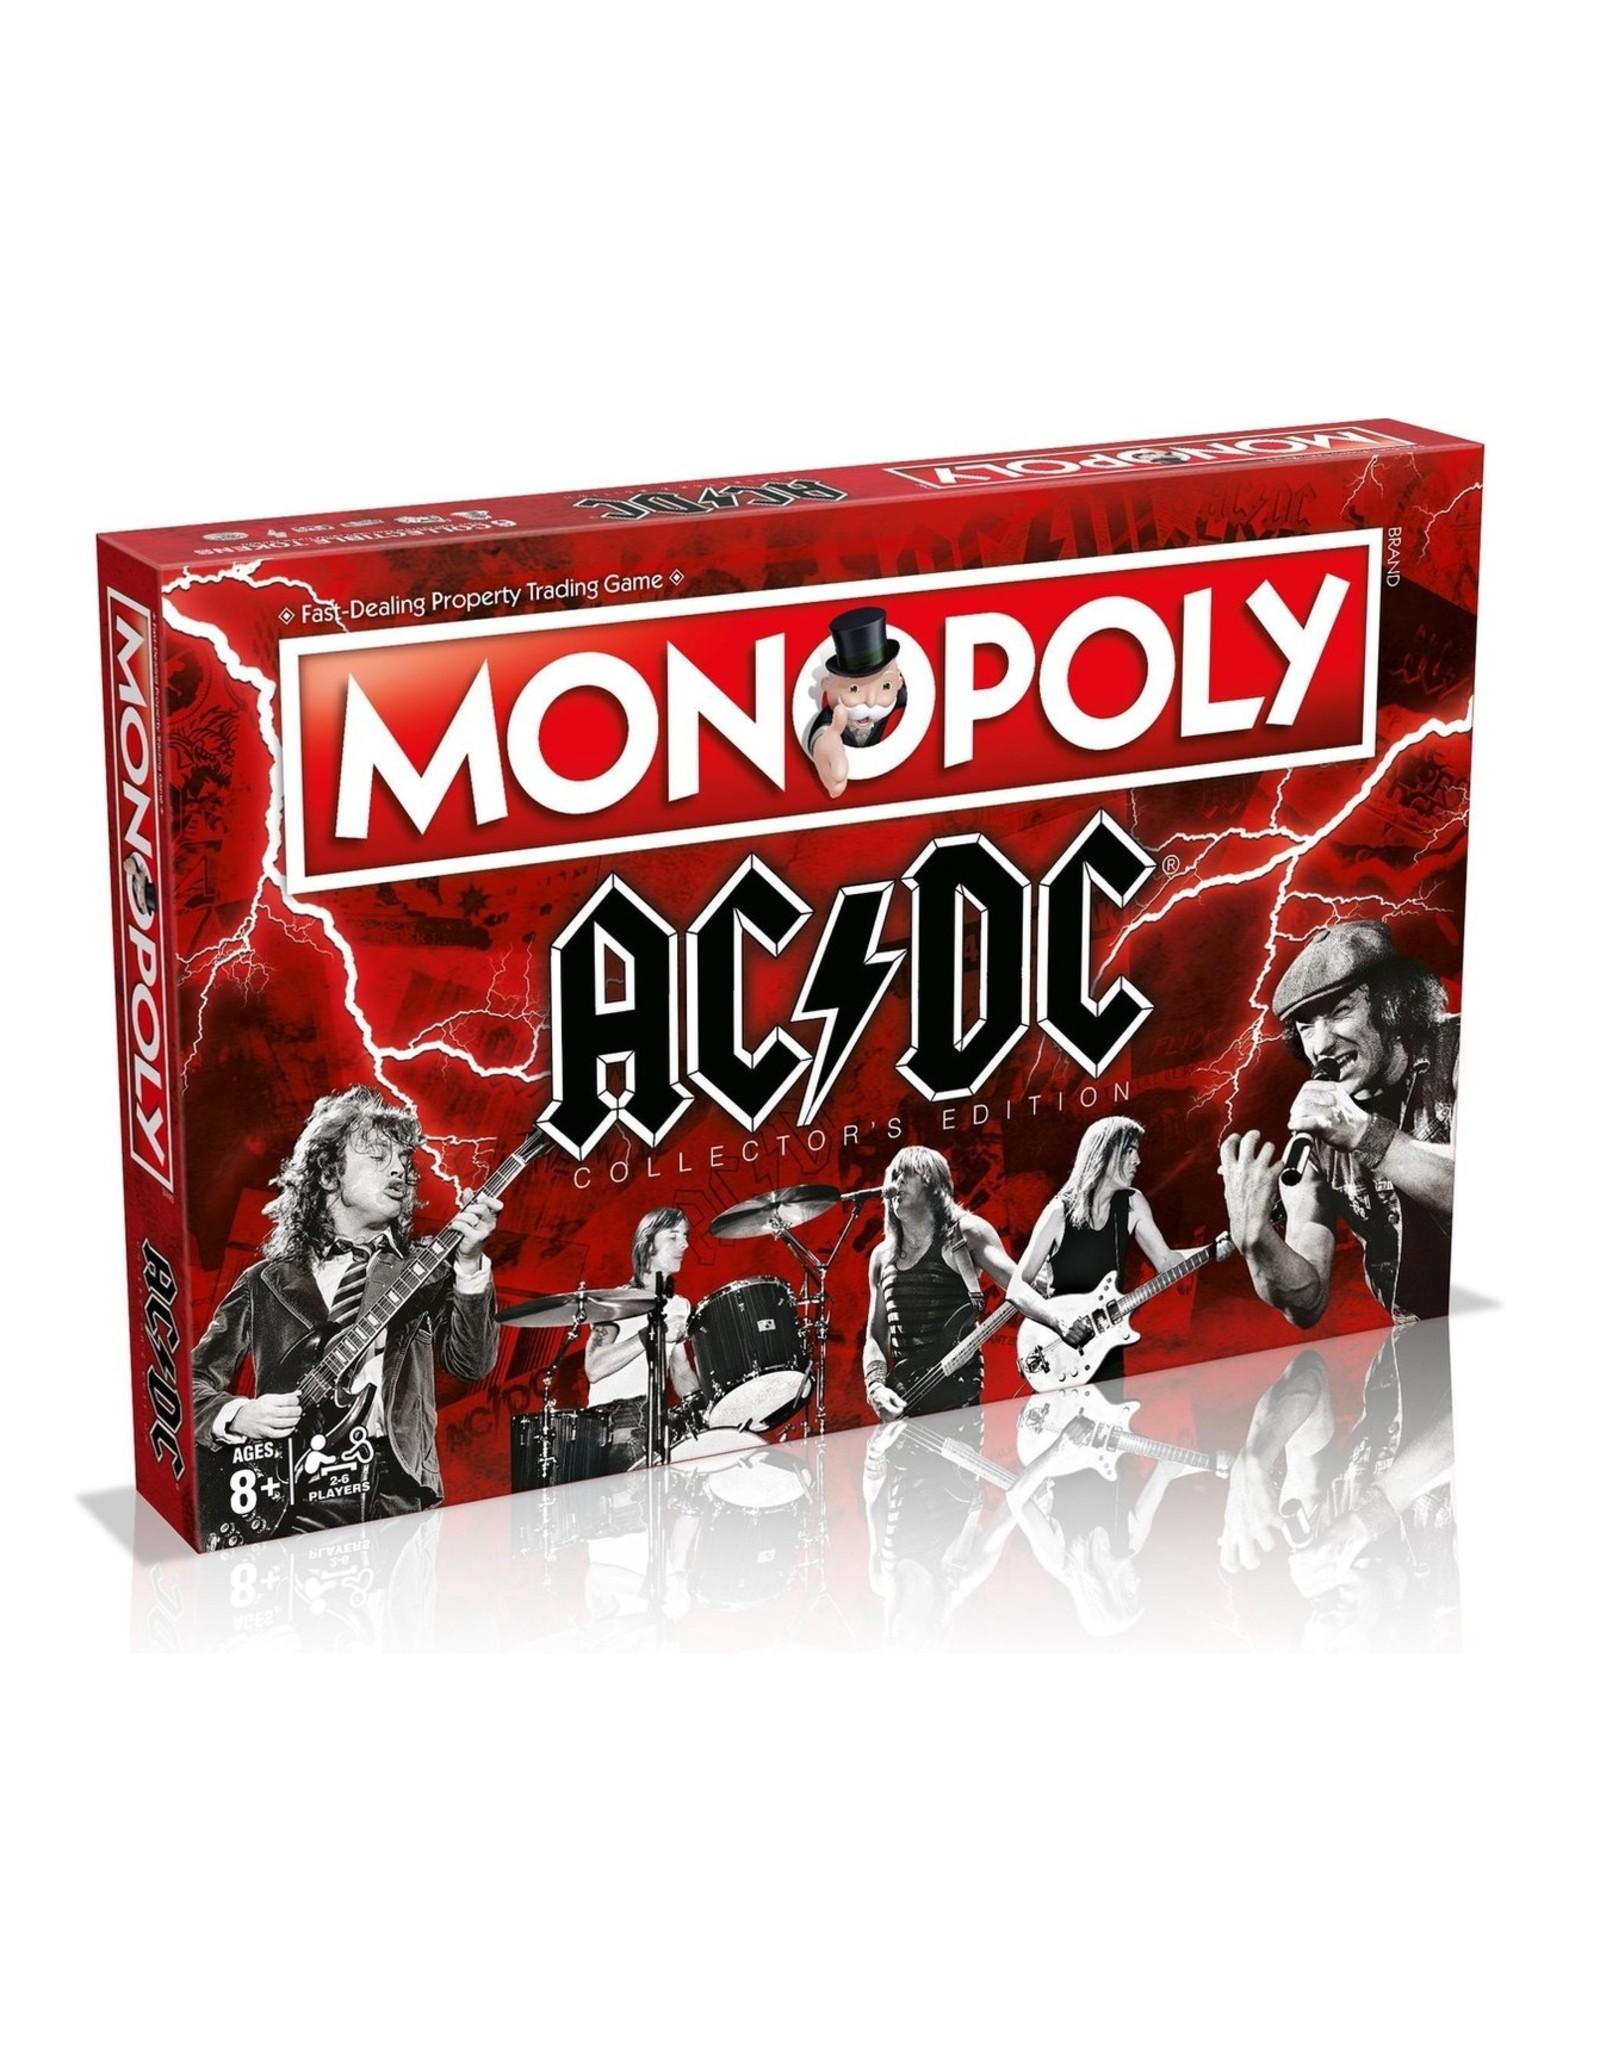 Monopoly Monopoly - AC/DC - Board game - English Version